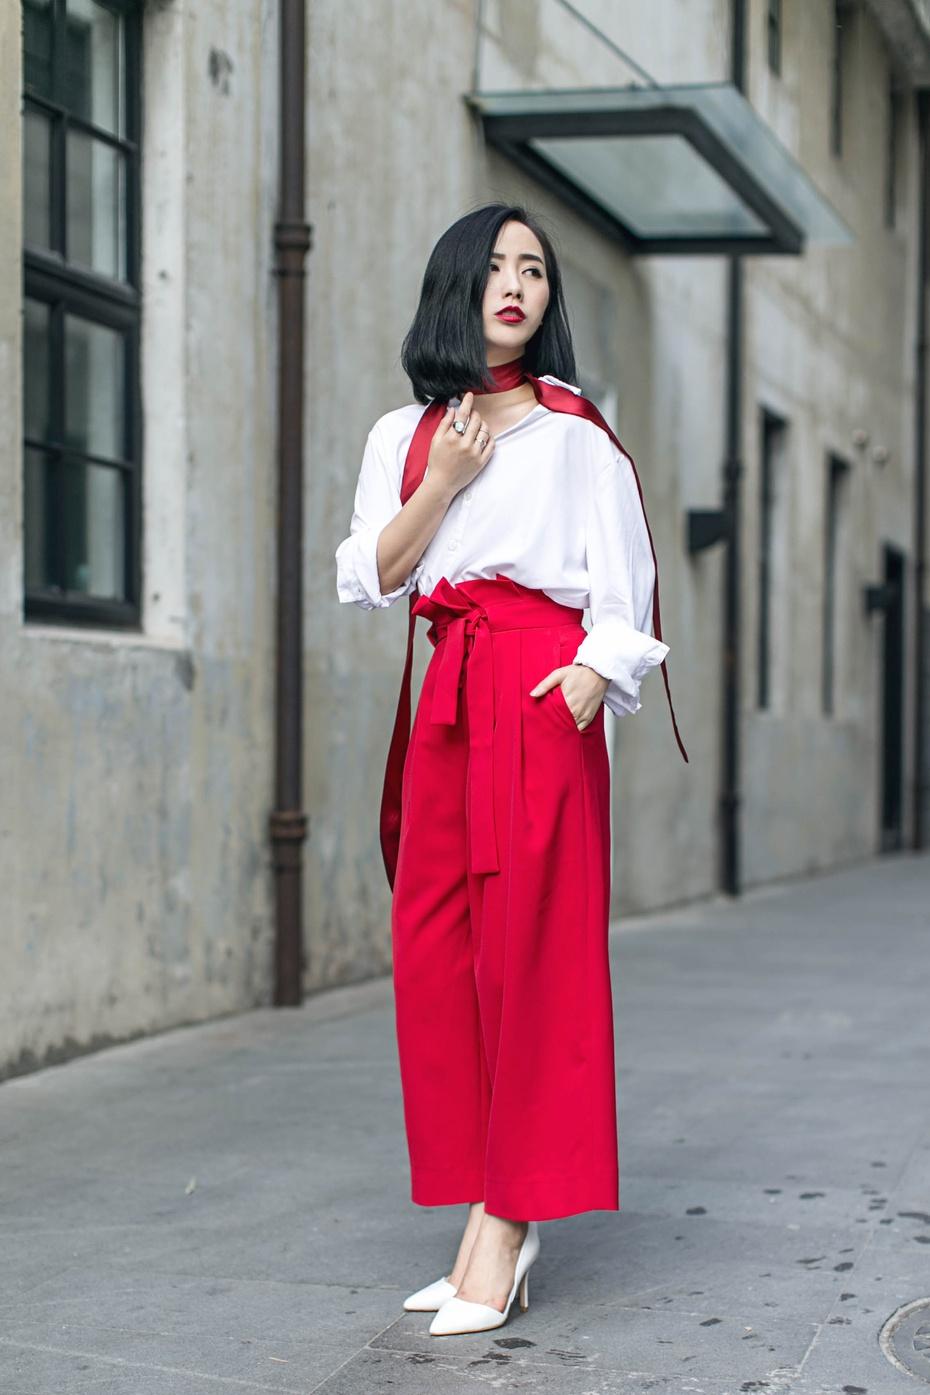 【妮儿の私服日记】就是爱酷感中自带娇俏DE红+白 - Nikki妮儿 - Nikkis Fashion Blog